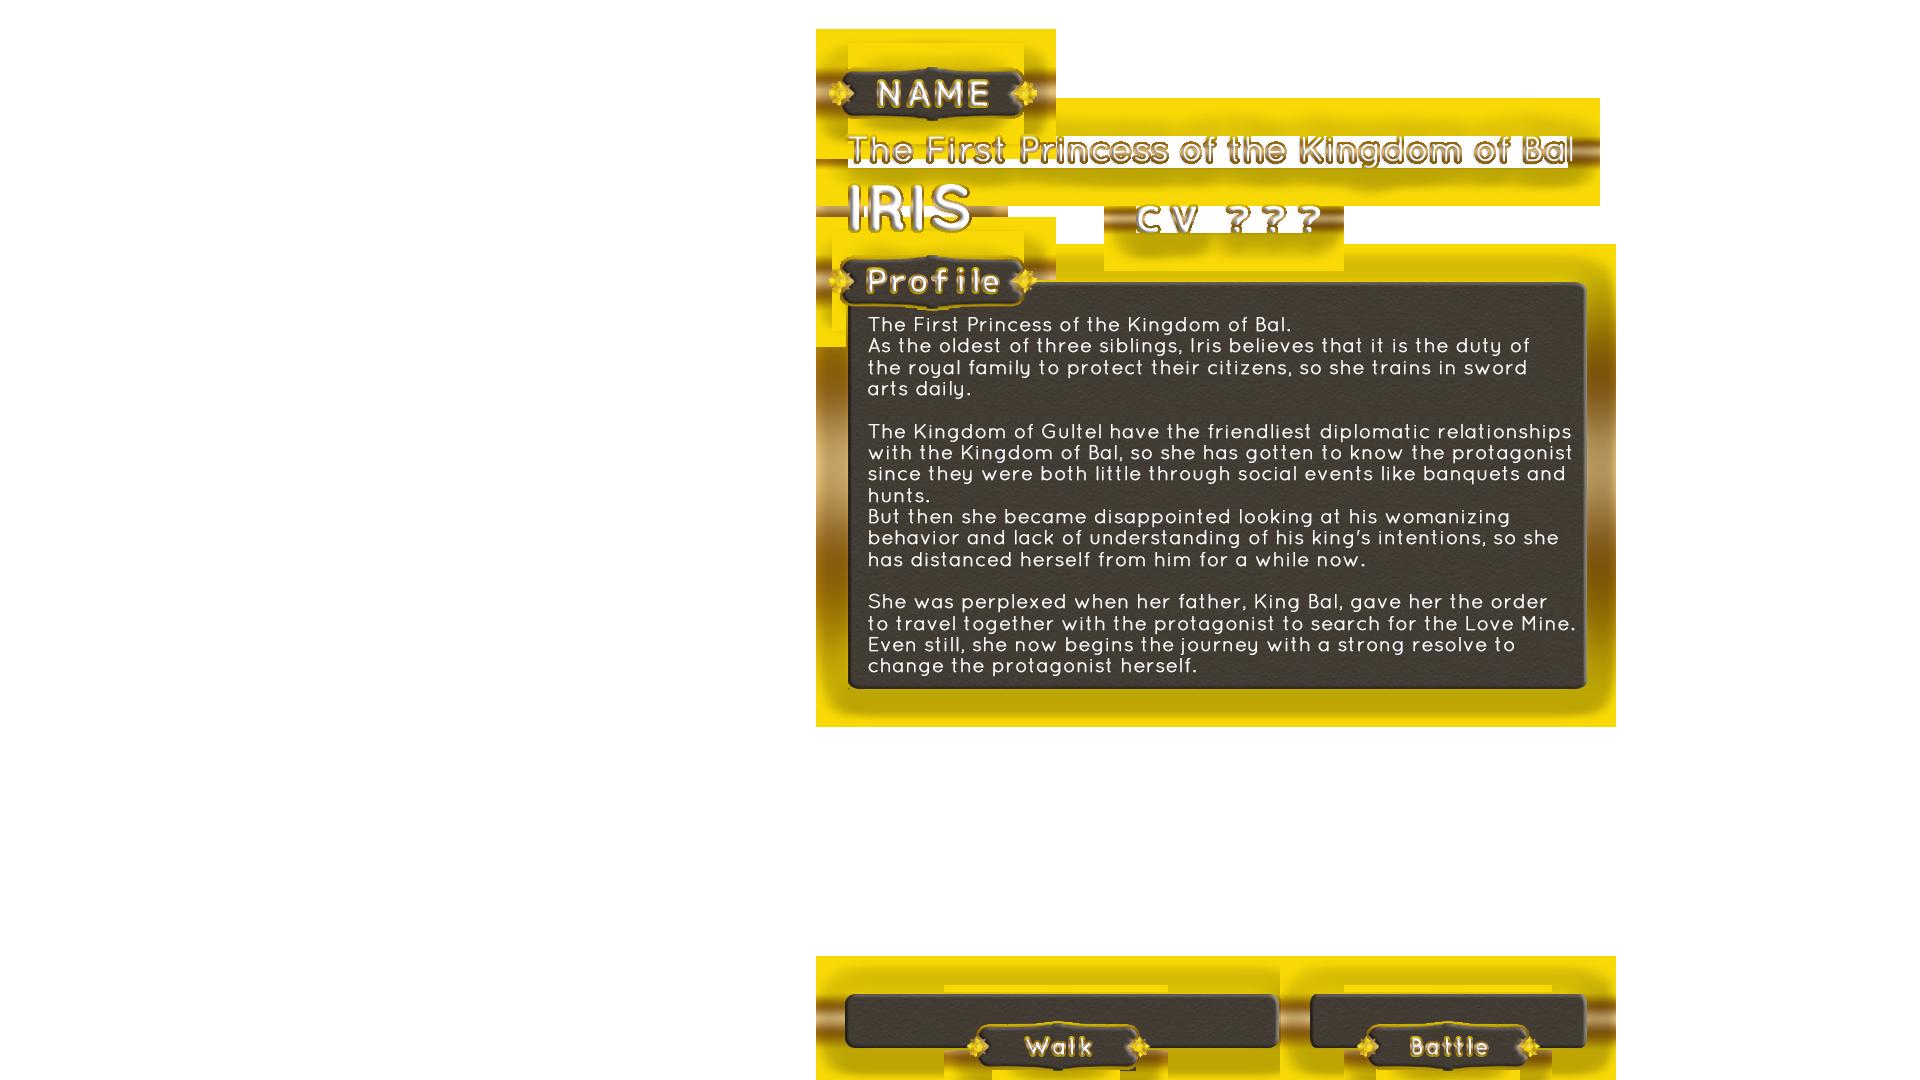 iris_profile